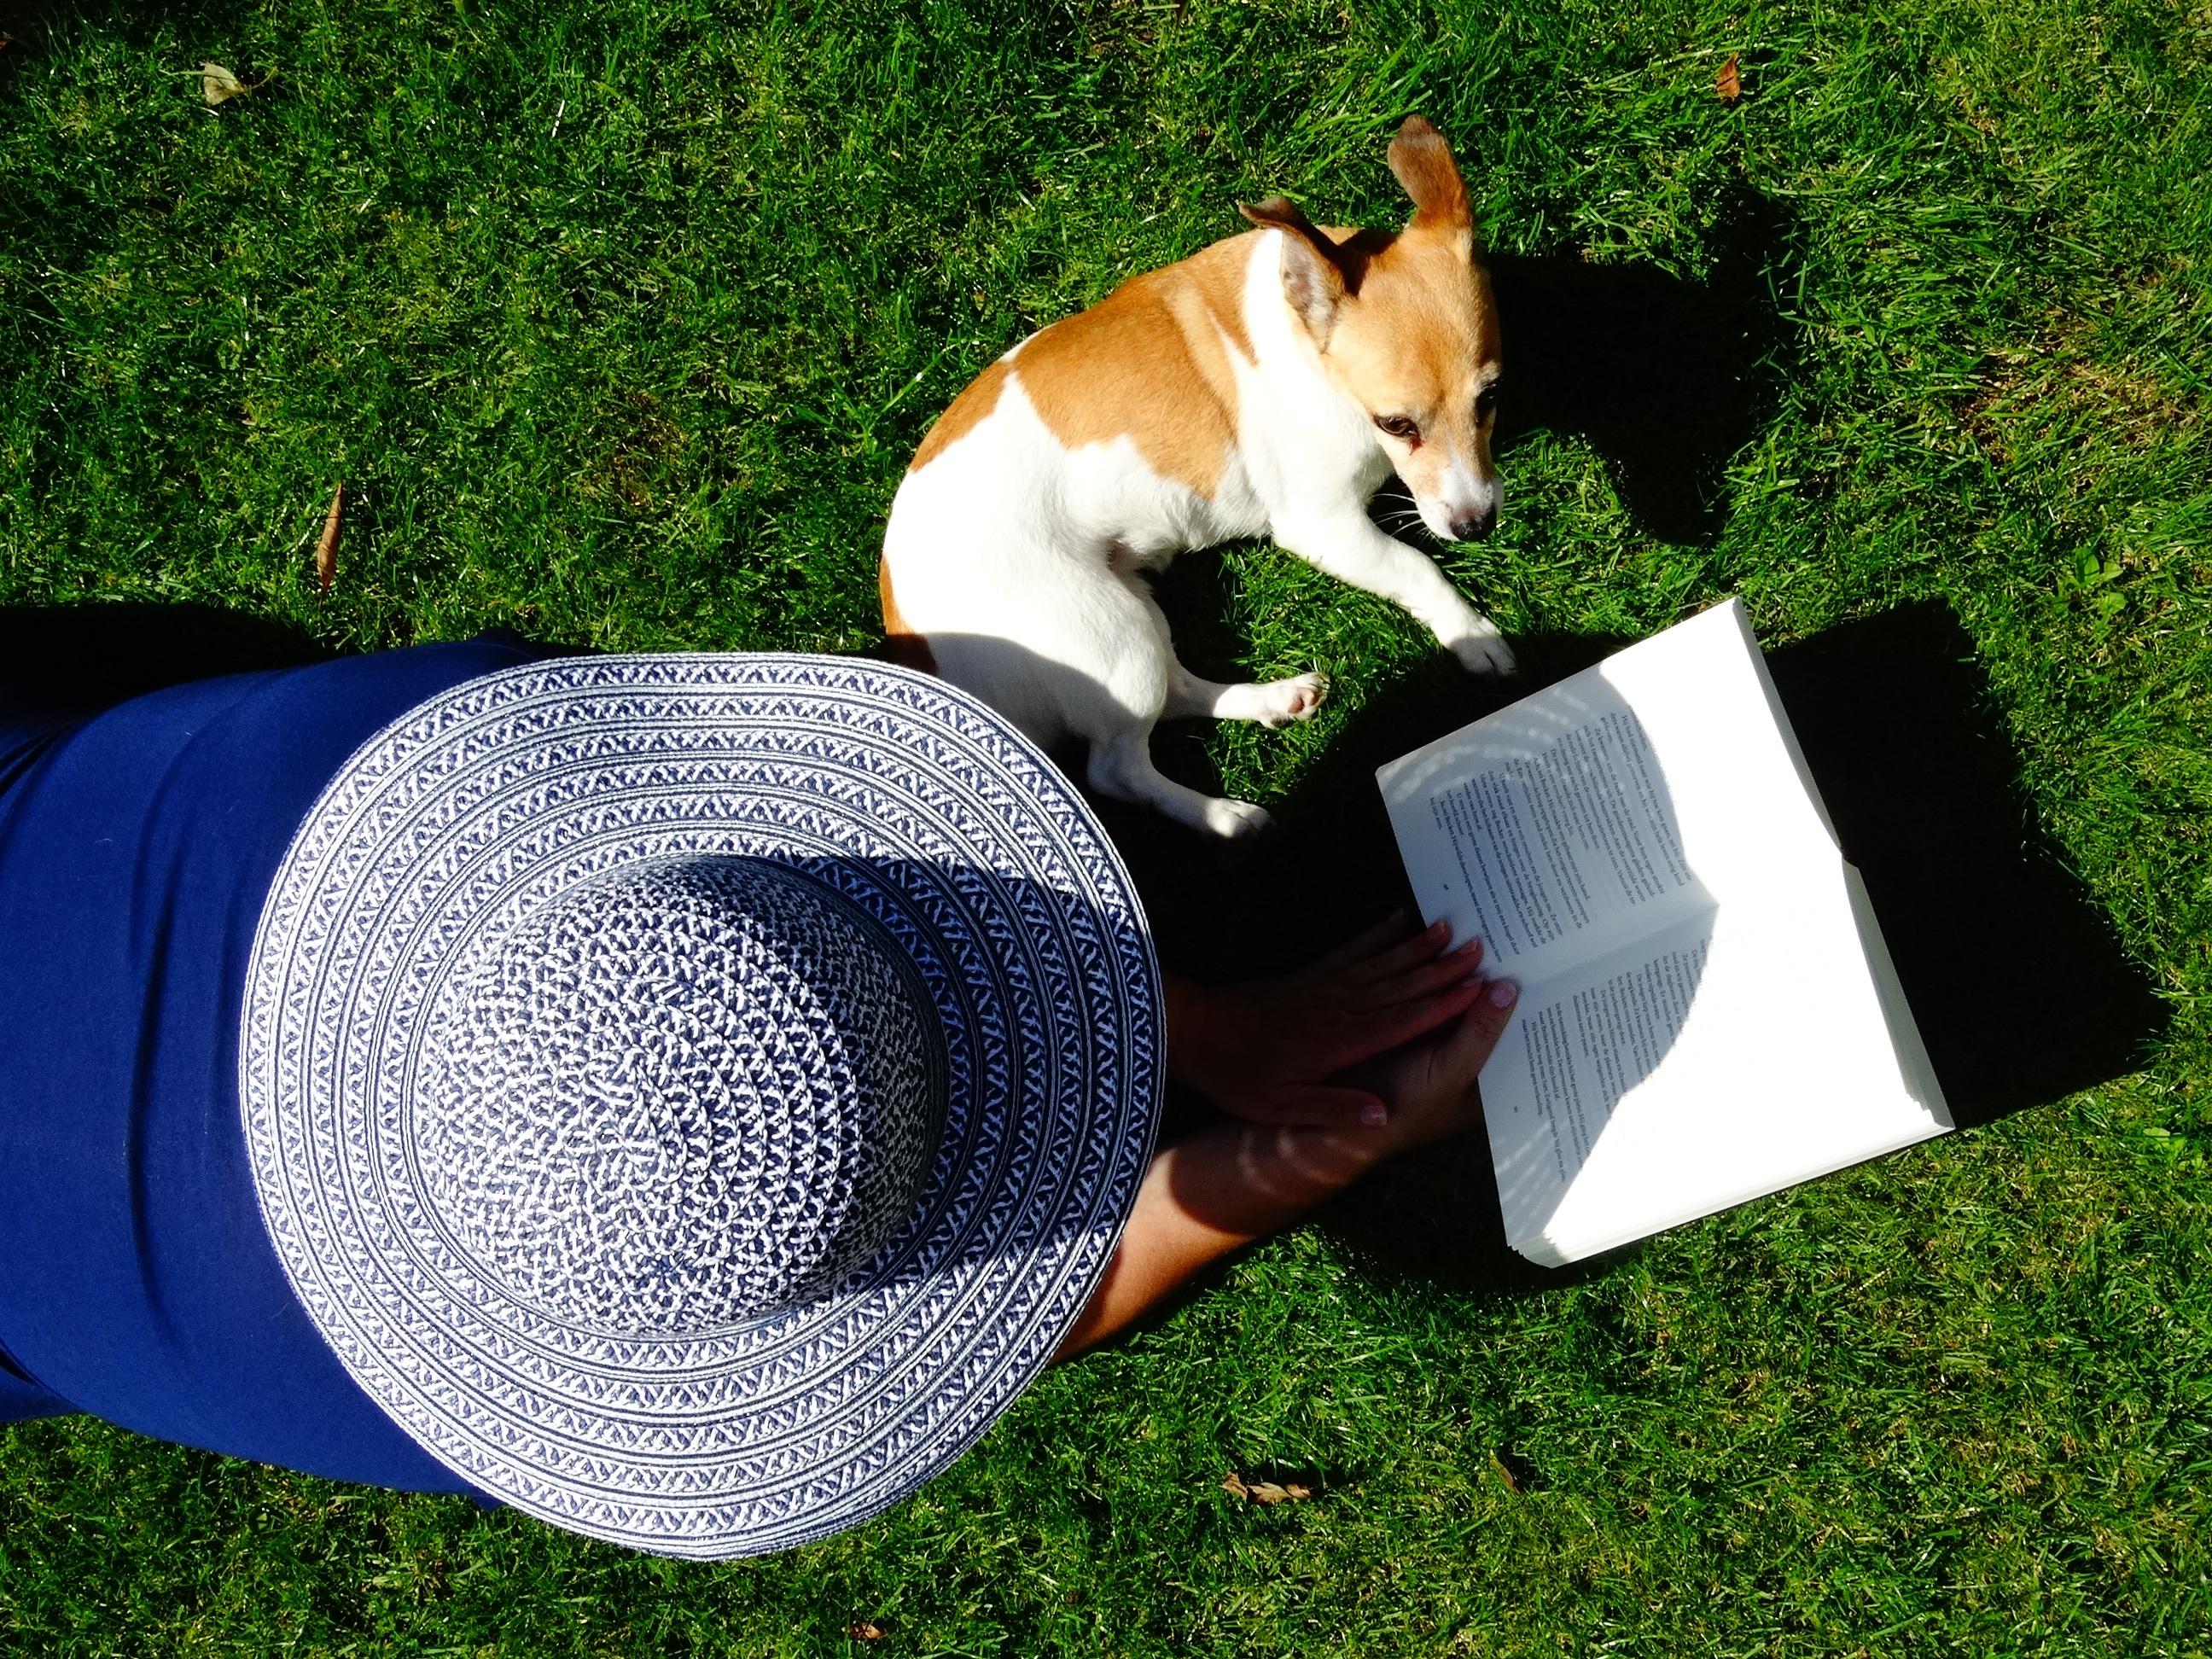 df5612b5f58 tráva rezervovat číst trávník štěně Pes zvíře letní domácí zvíře zelená  odpočinout si savec čepice zahrada